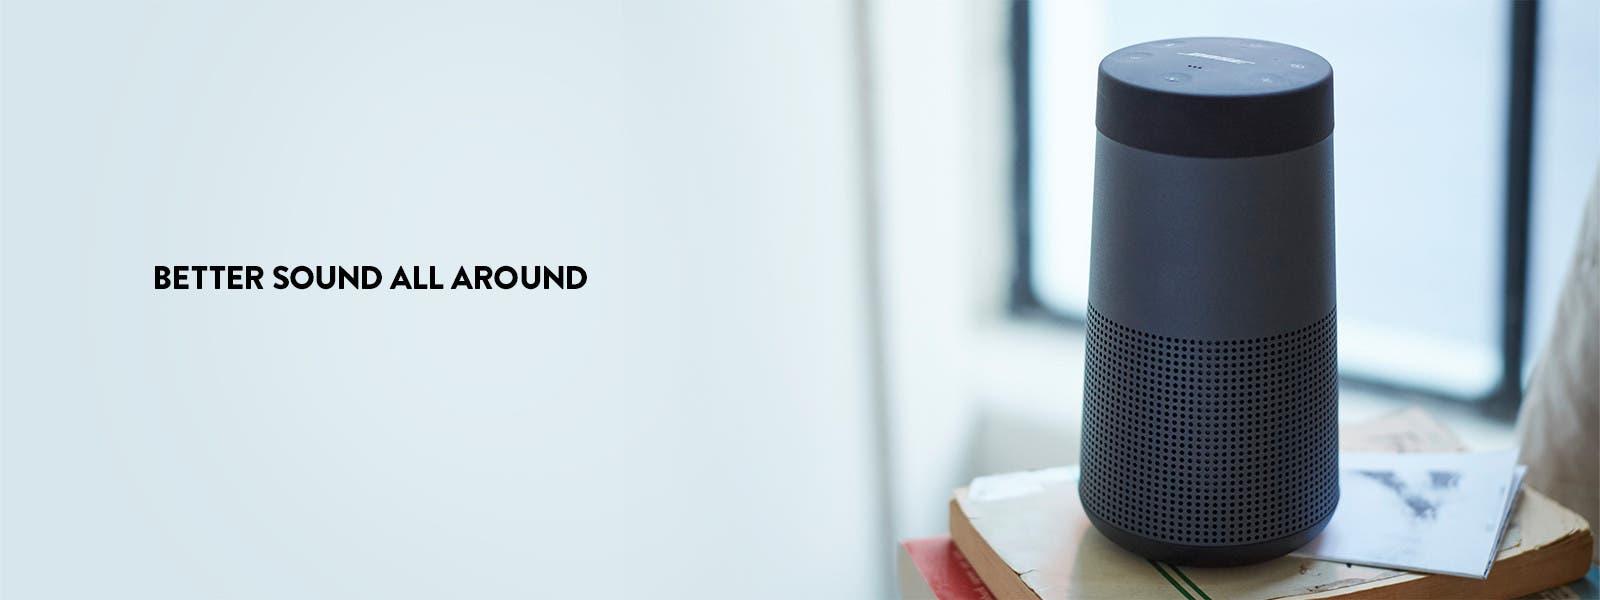 Better sound all around: Bose SoundLink Revolve Bluetooth speaker.